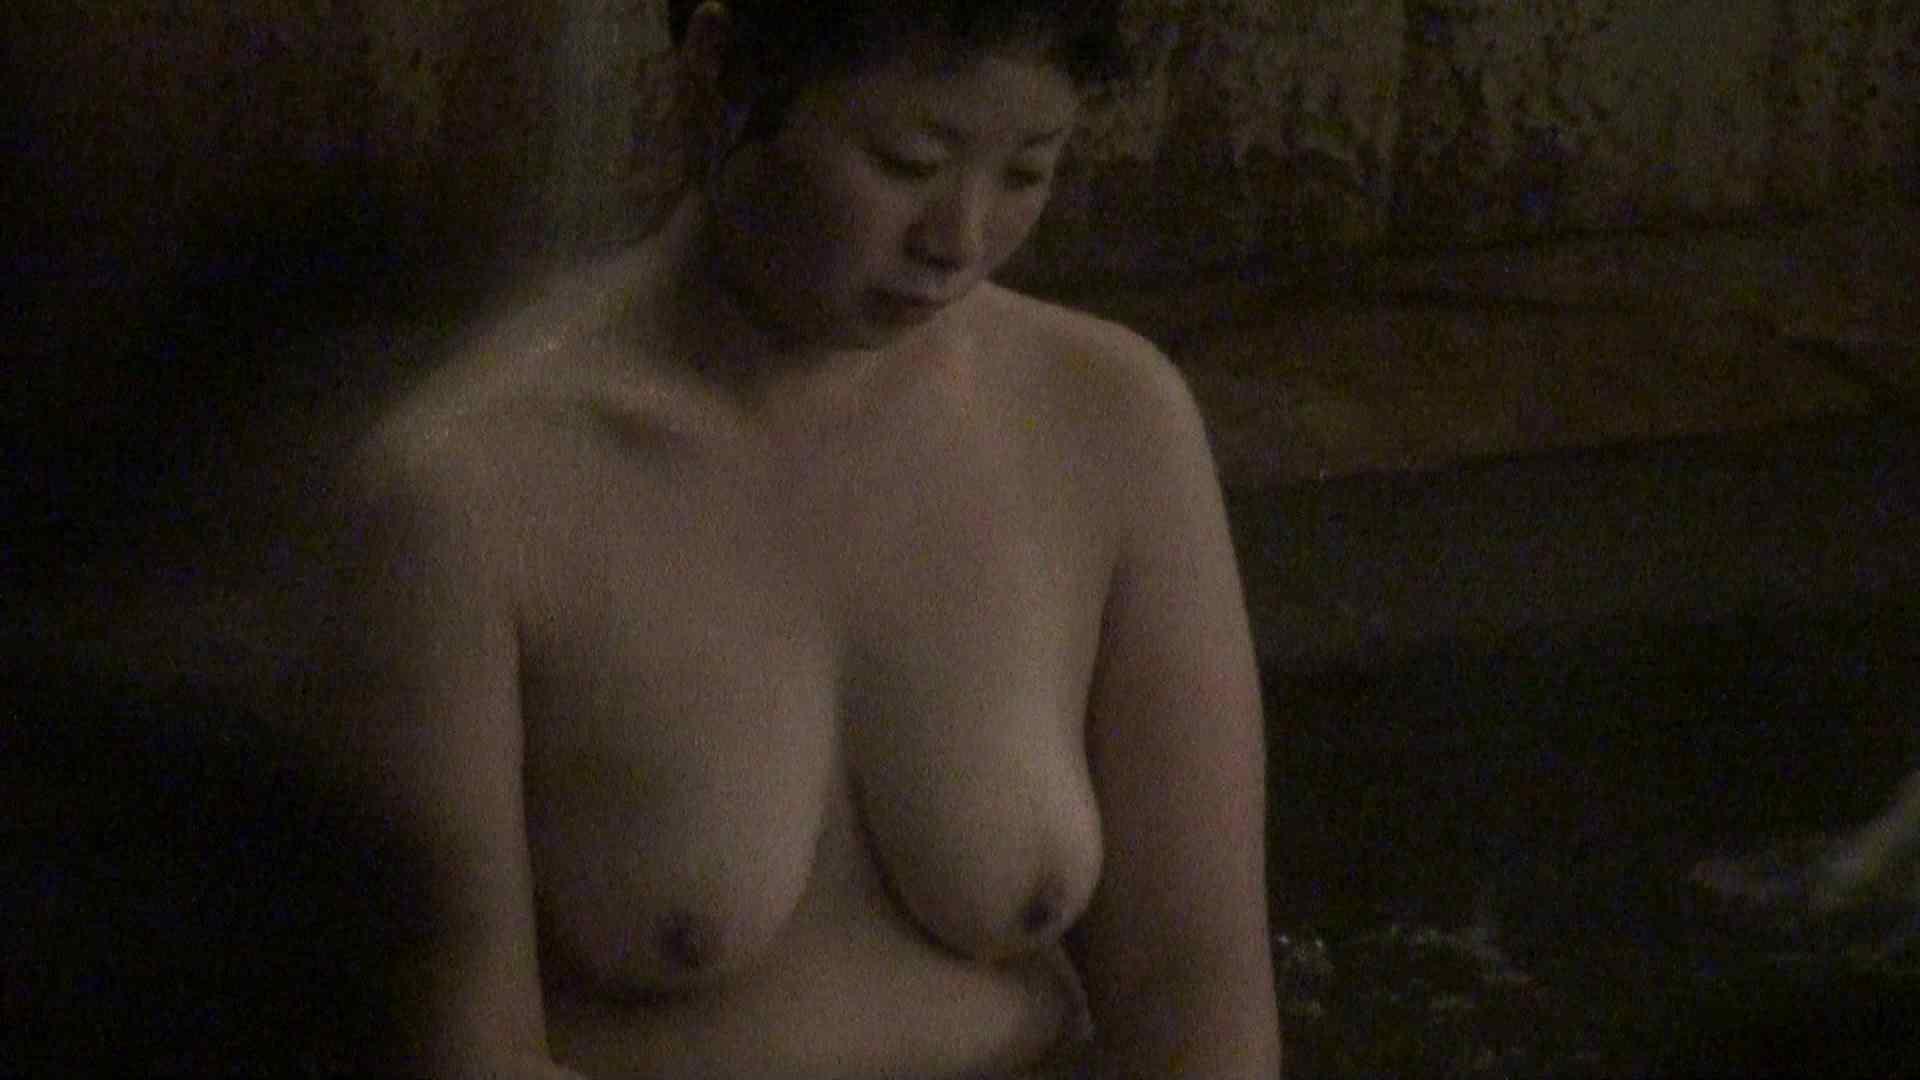 Aquaな露天風呂Vol.377 美しいOLの裸体 盗み撮り動画キャプチャ 105pic 44